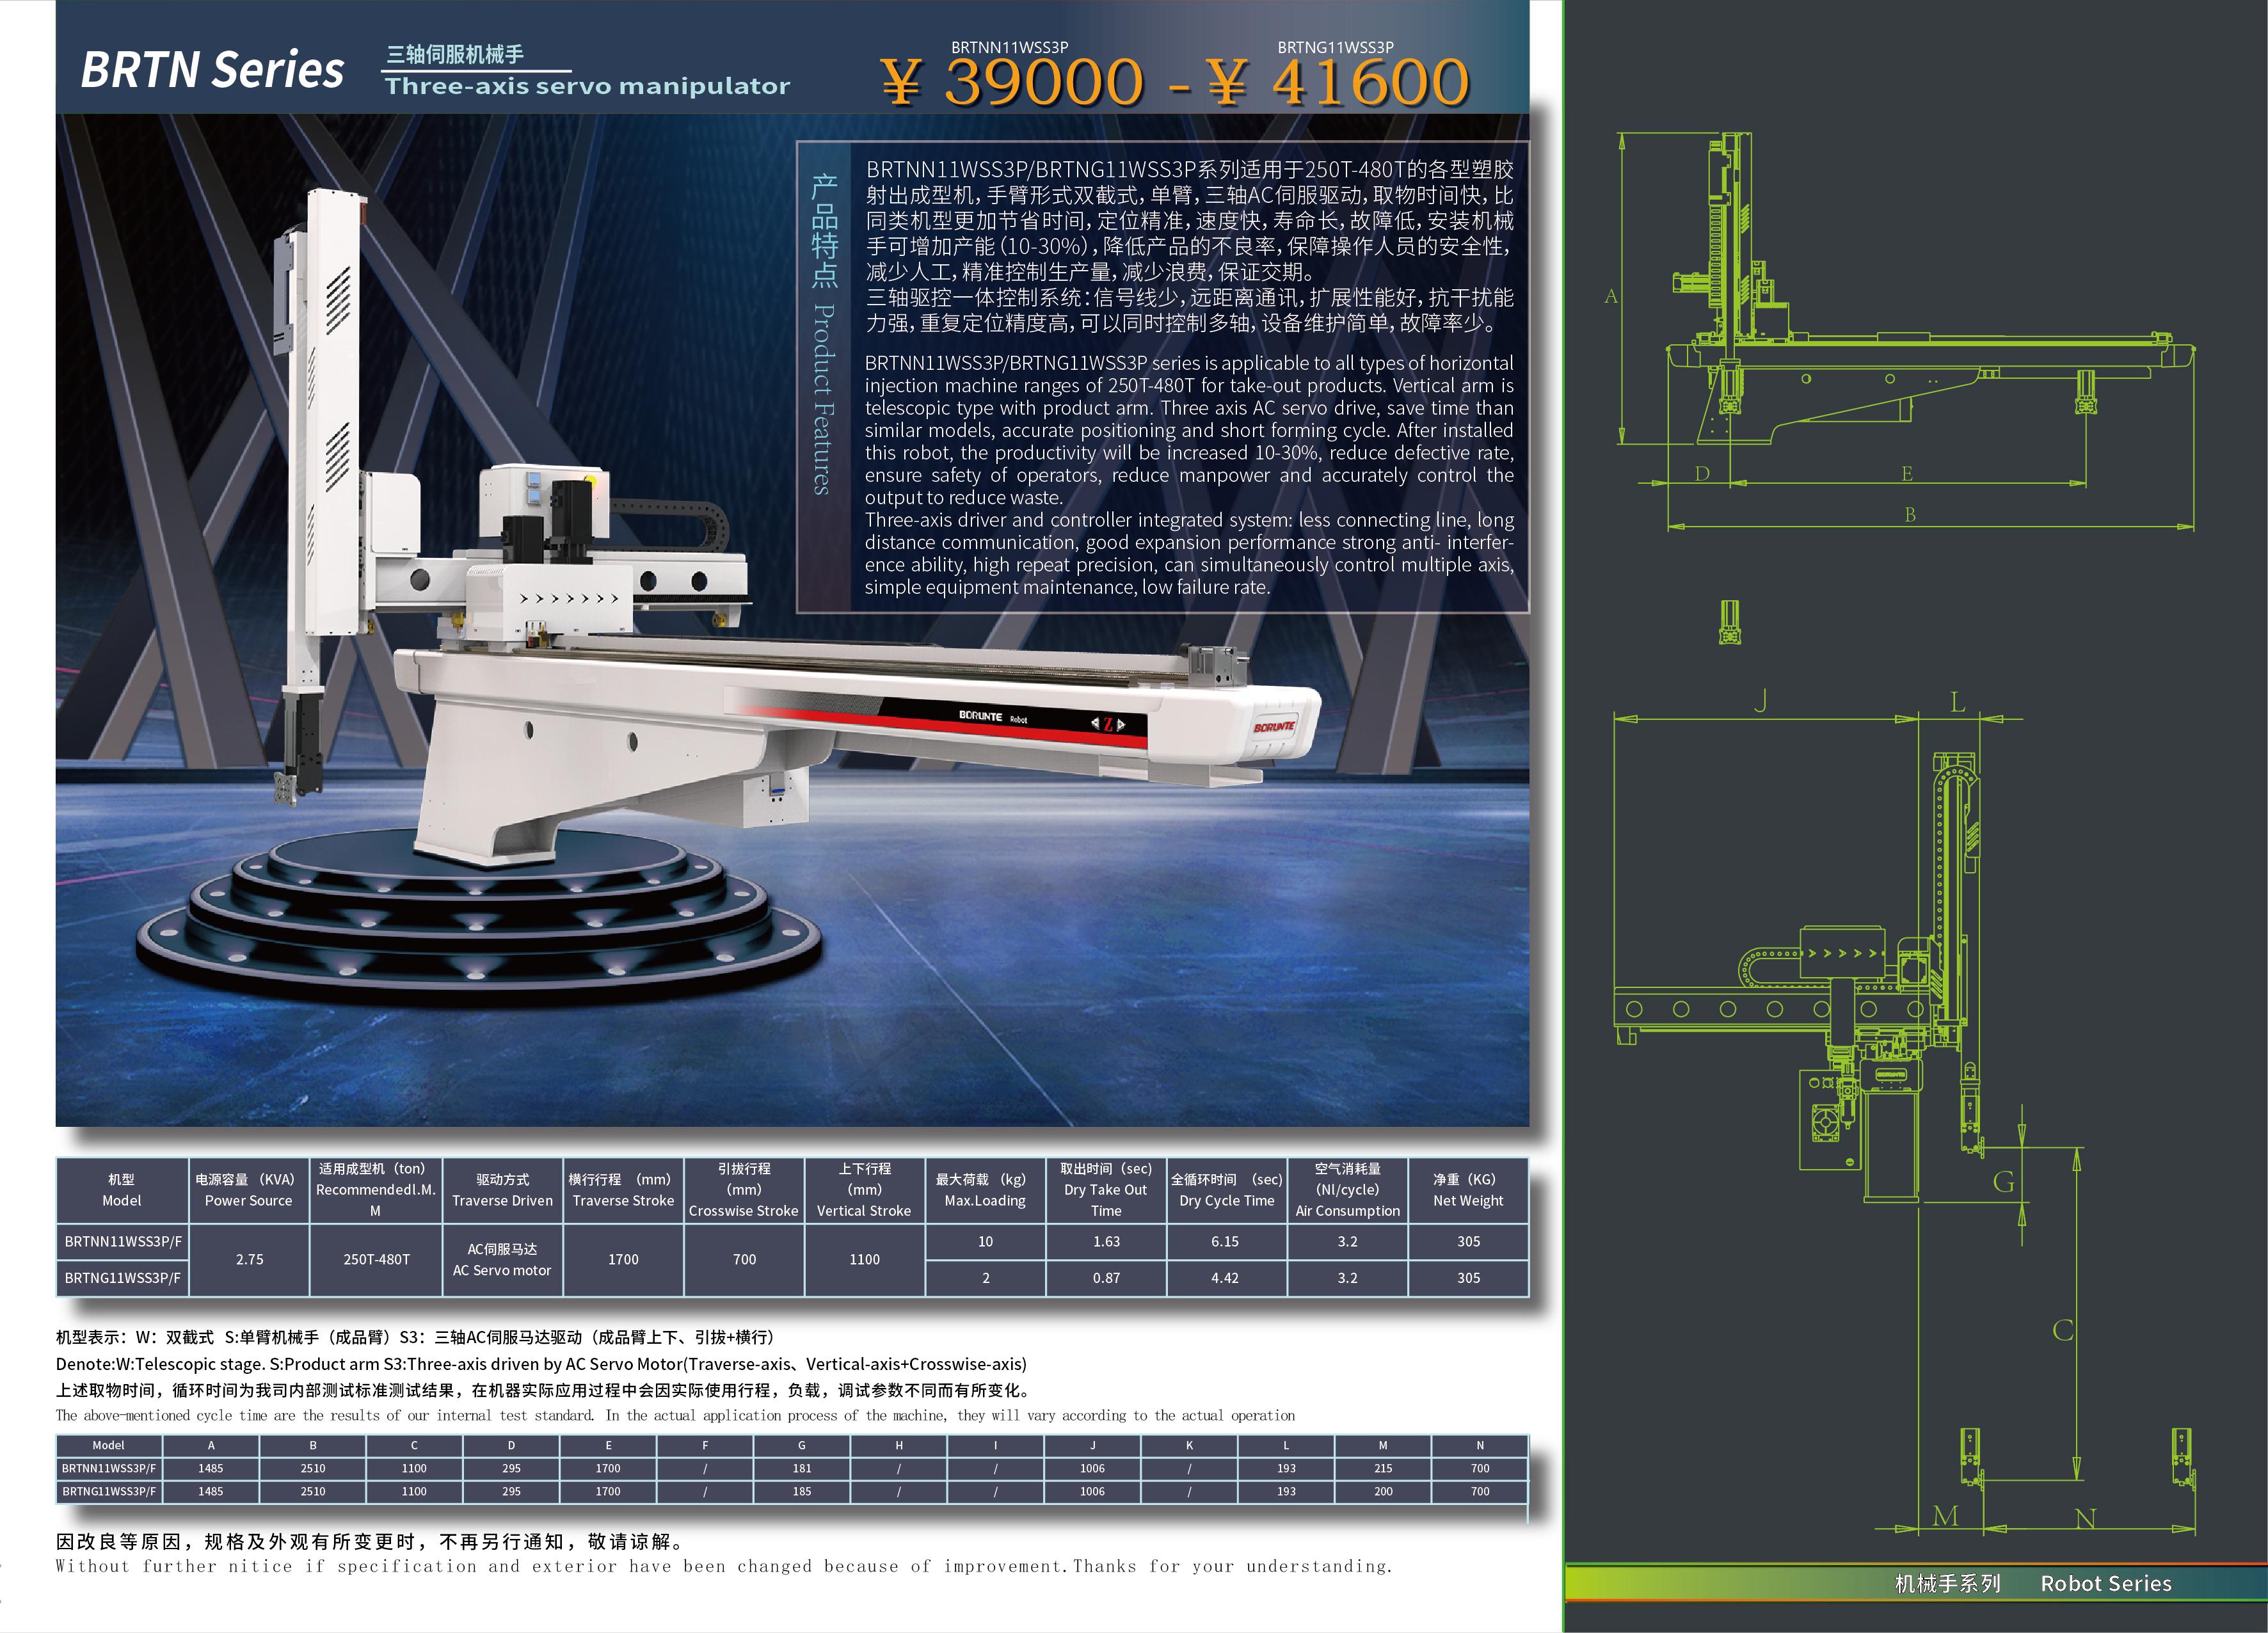 三軸伺服機械手BRTNN11WSS3P.jpg